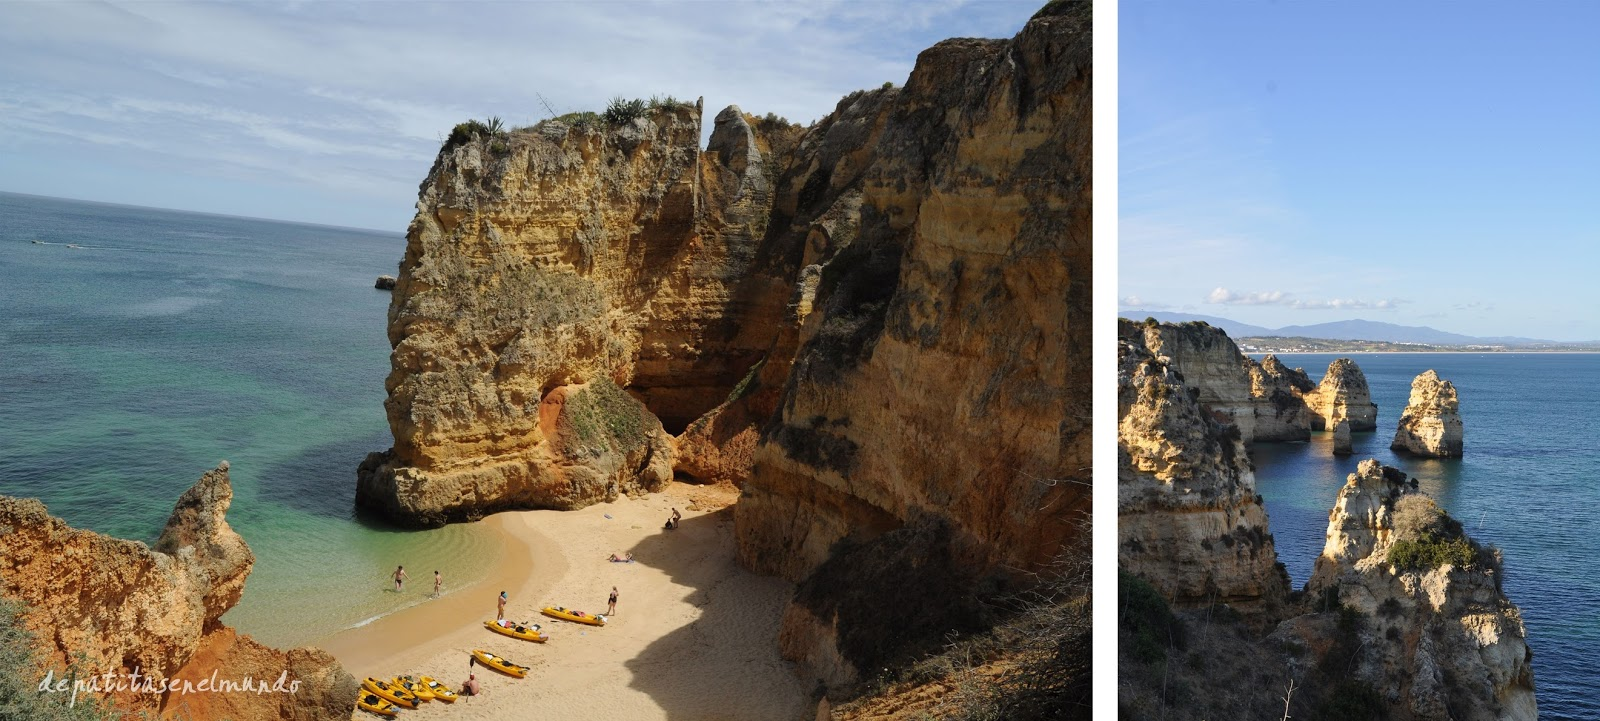 Playas de Lagos en El Algarve